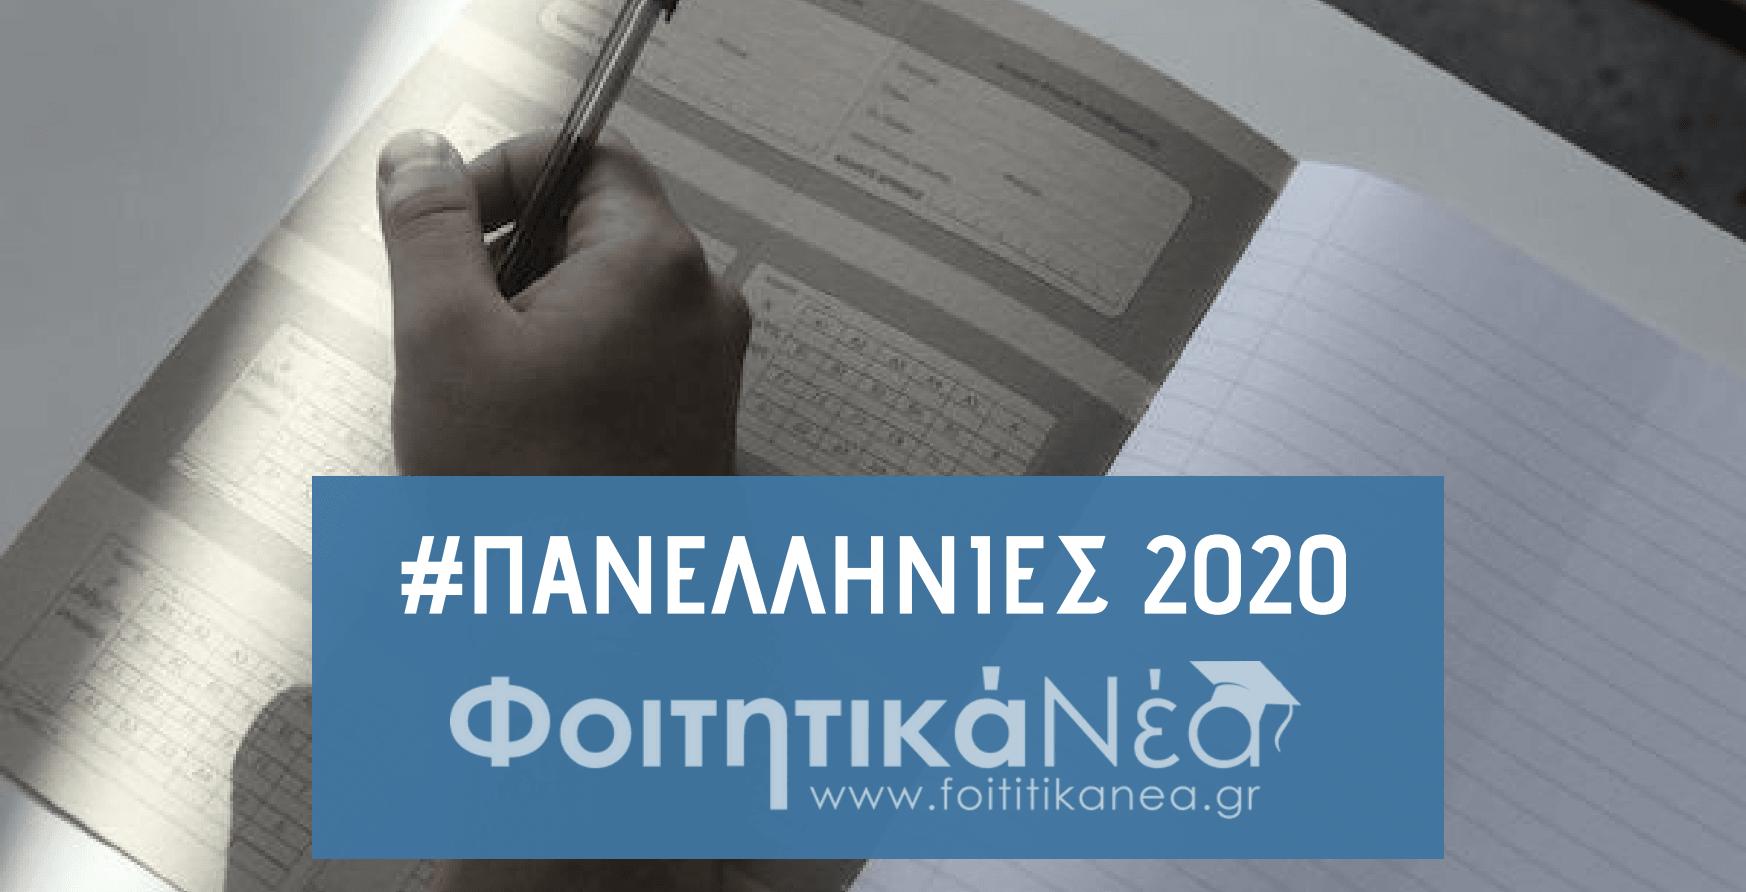 Η Εγκύκλιος για τις Πανελλήνιες 2020 με το ΝΕΟ σύστημα (SOS)